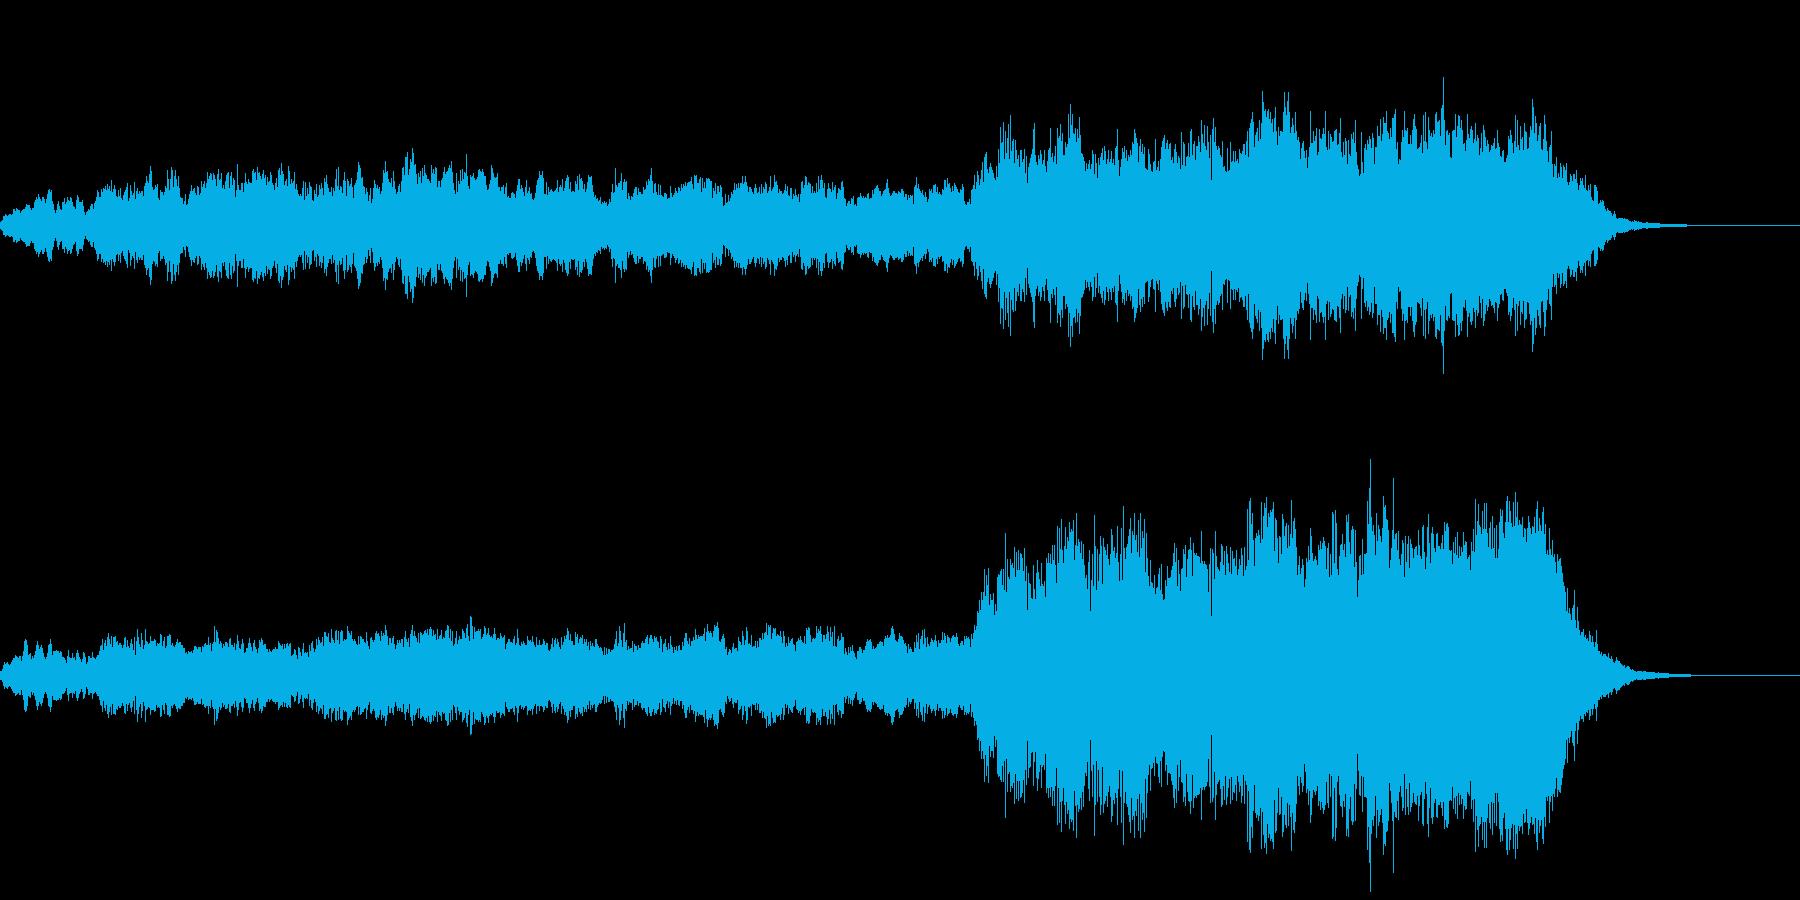 目的に辿り着いたような感動の曲の再生済みの波形